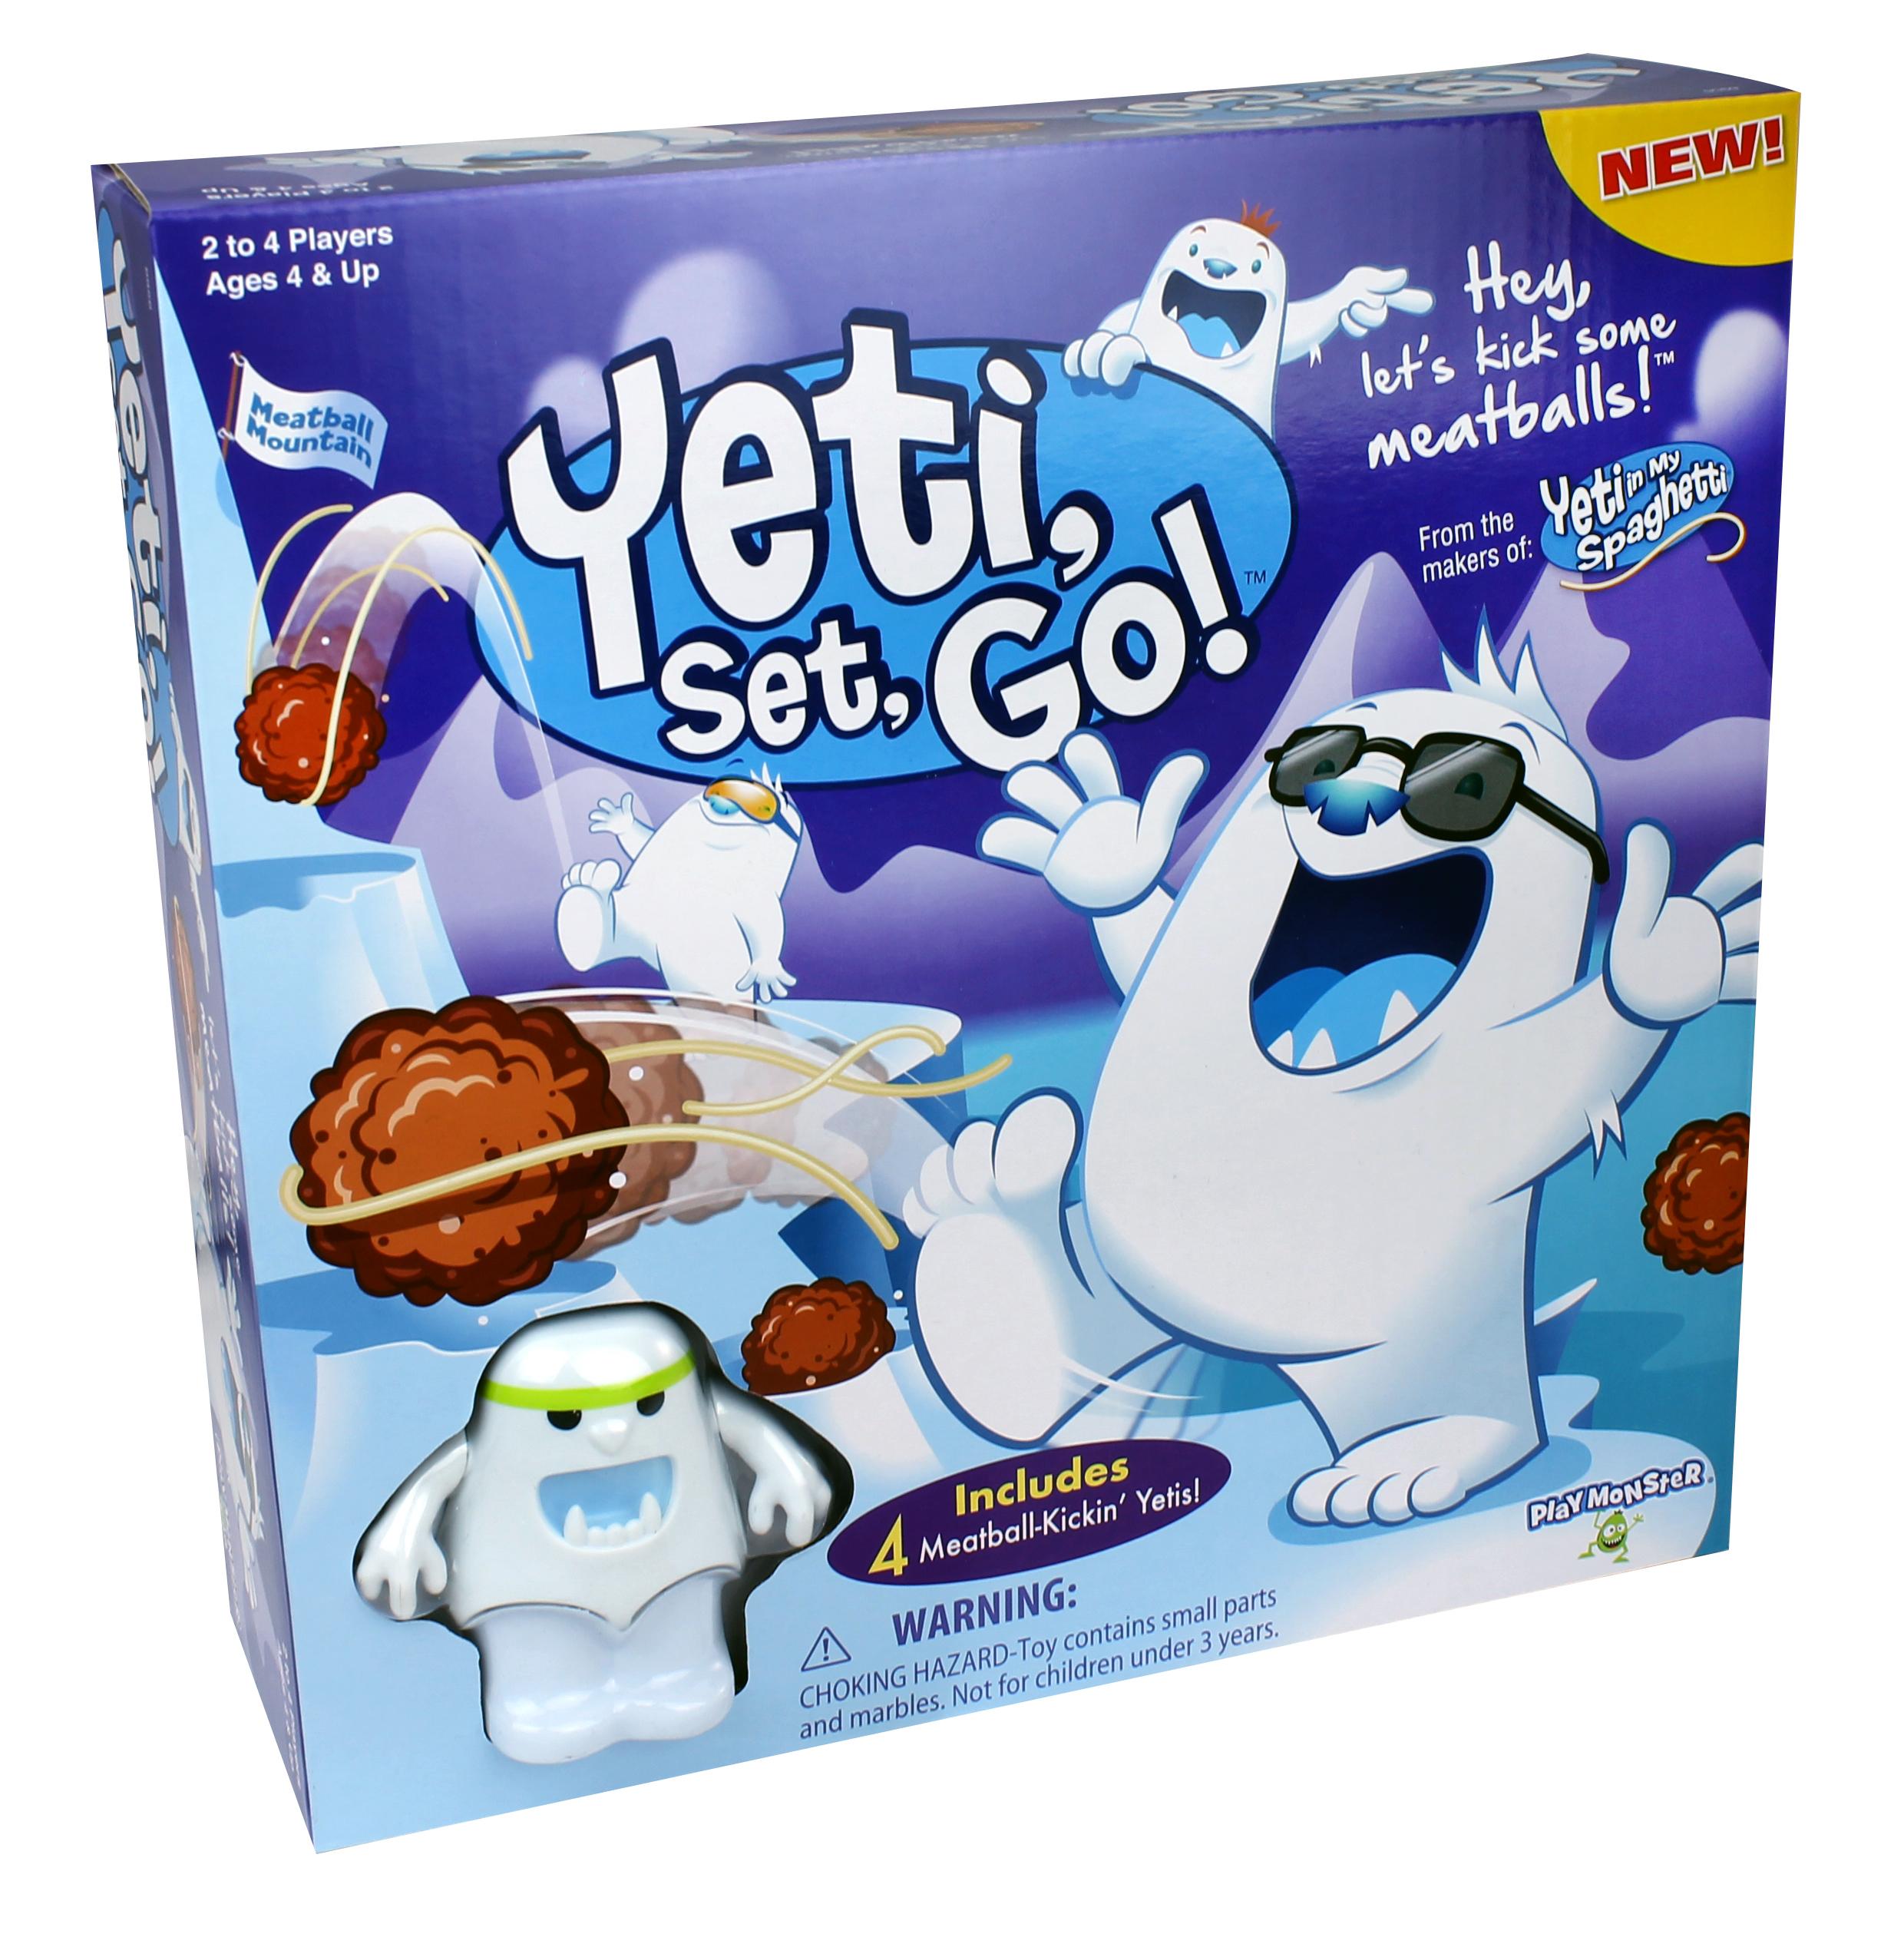 Yeti, Set, Go!™